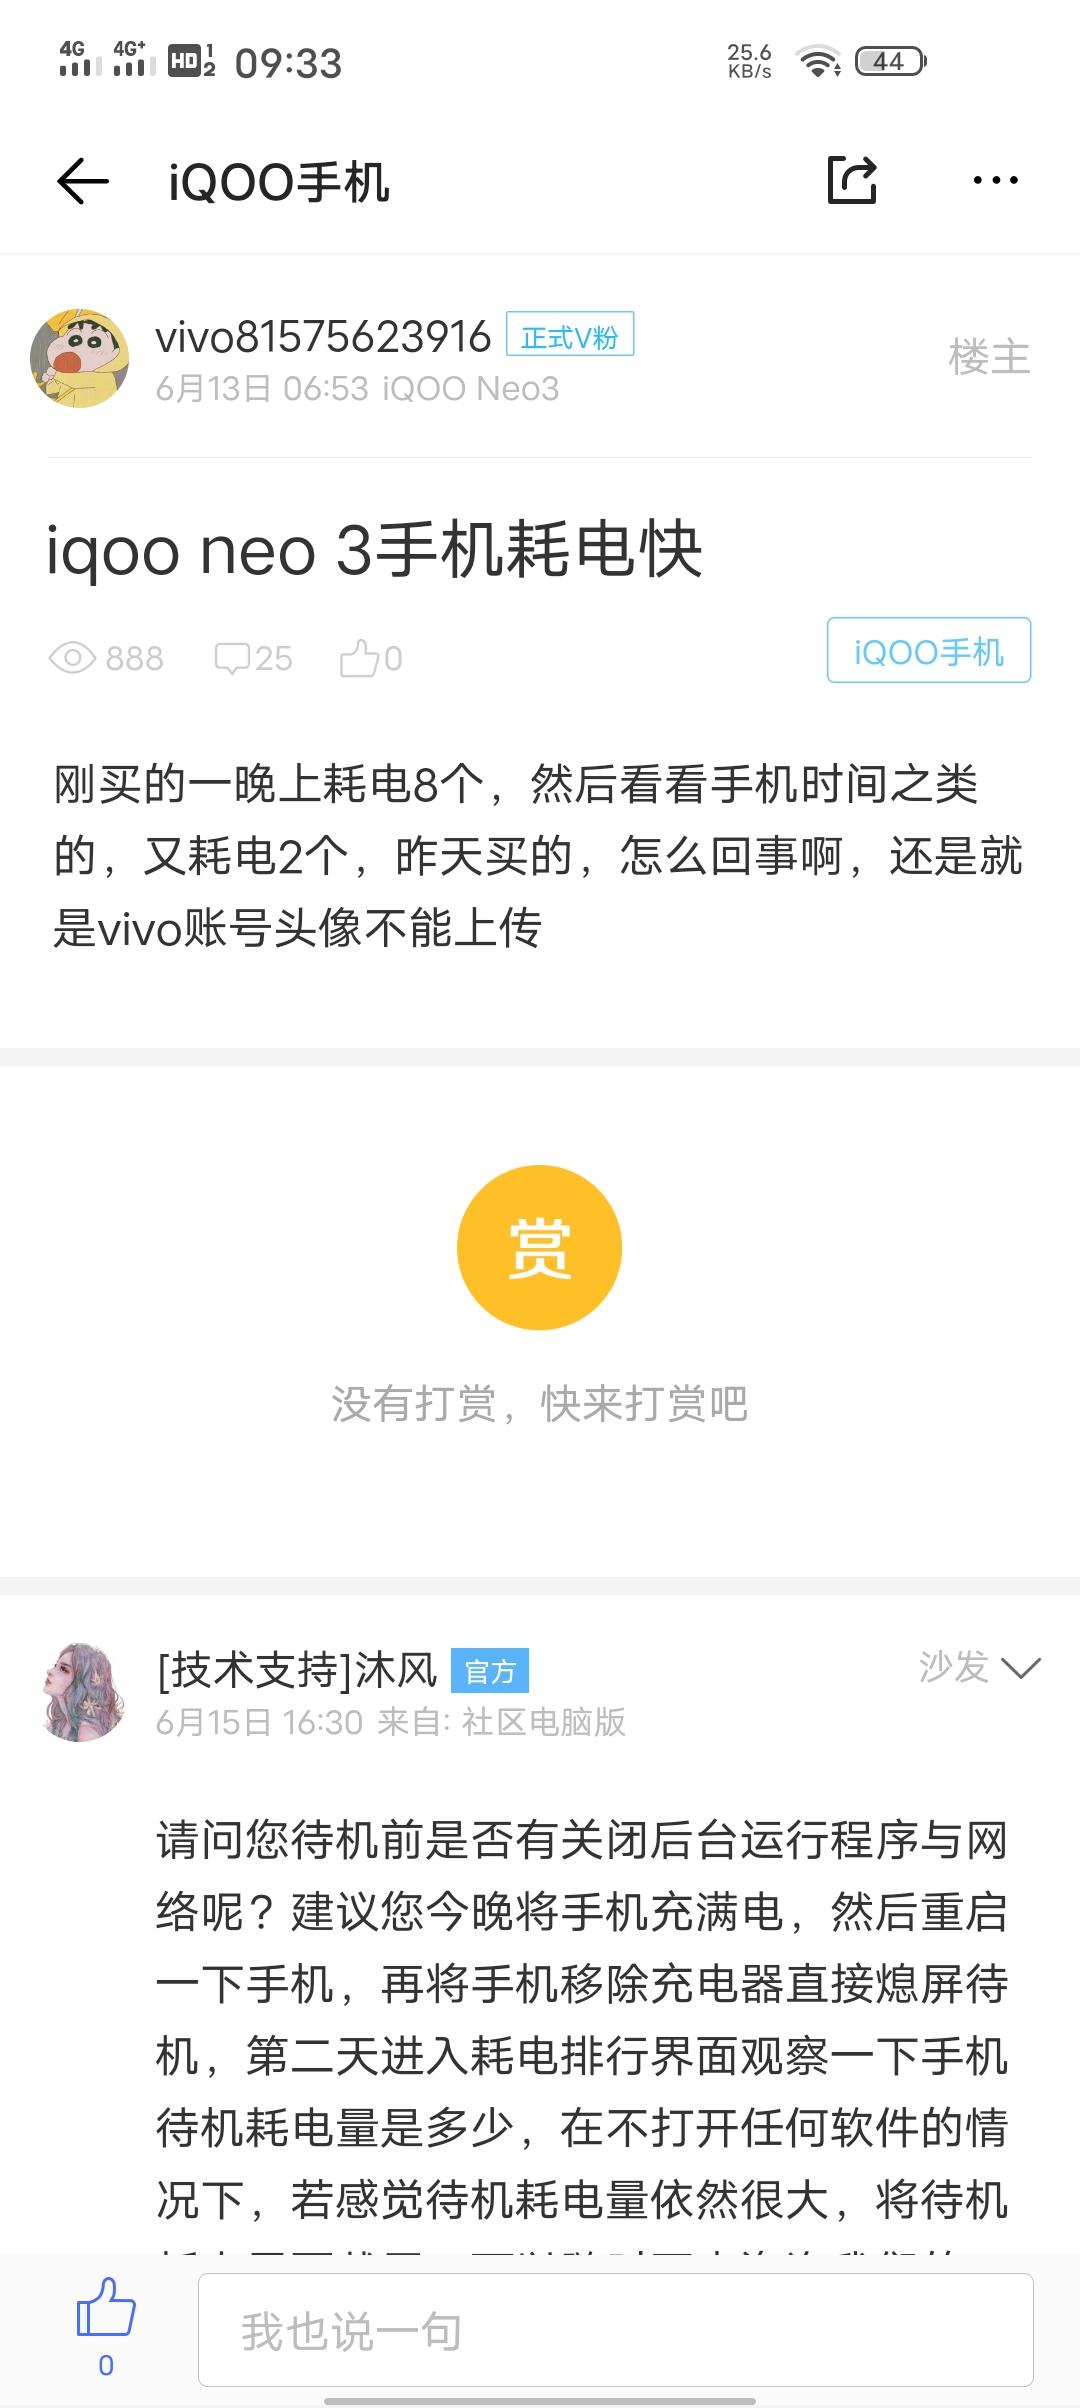 Screenshot_20200829_093316.jpg